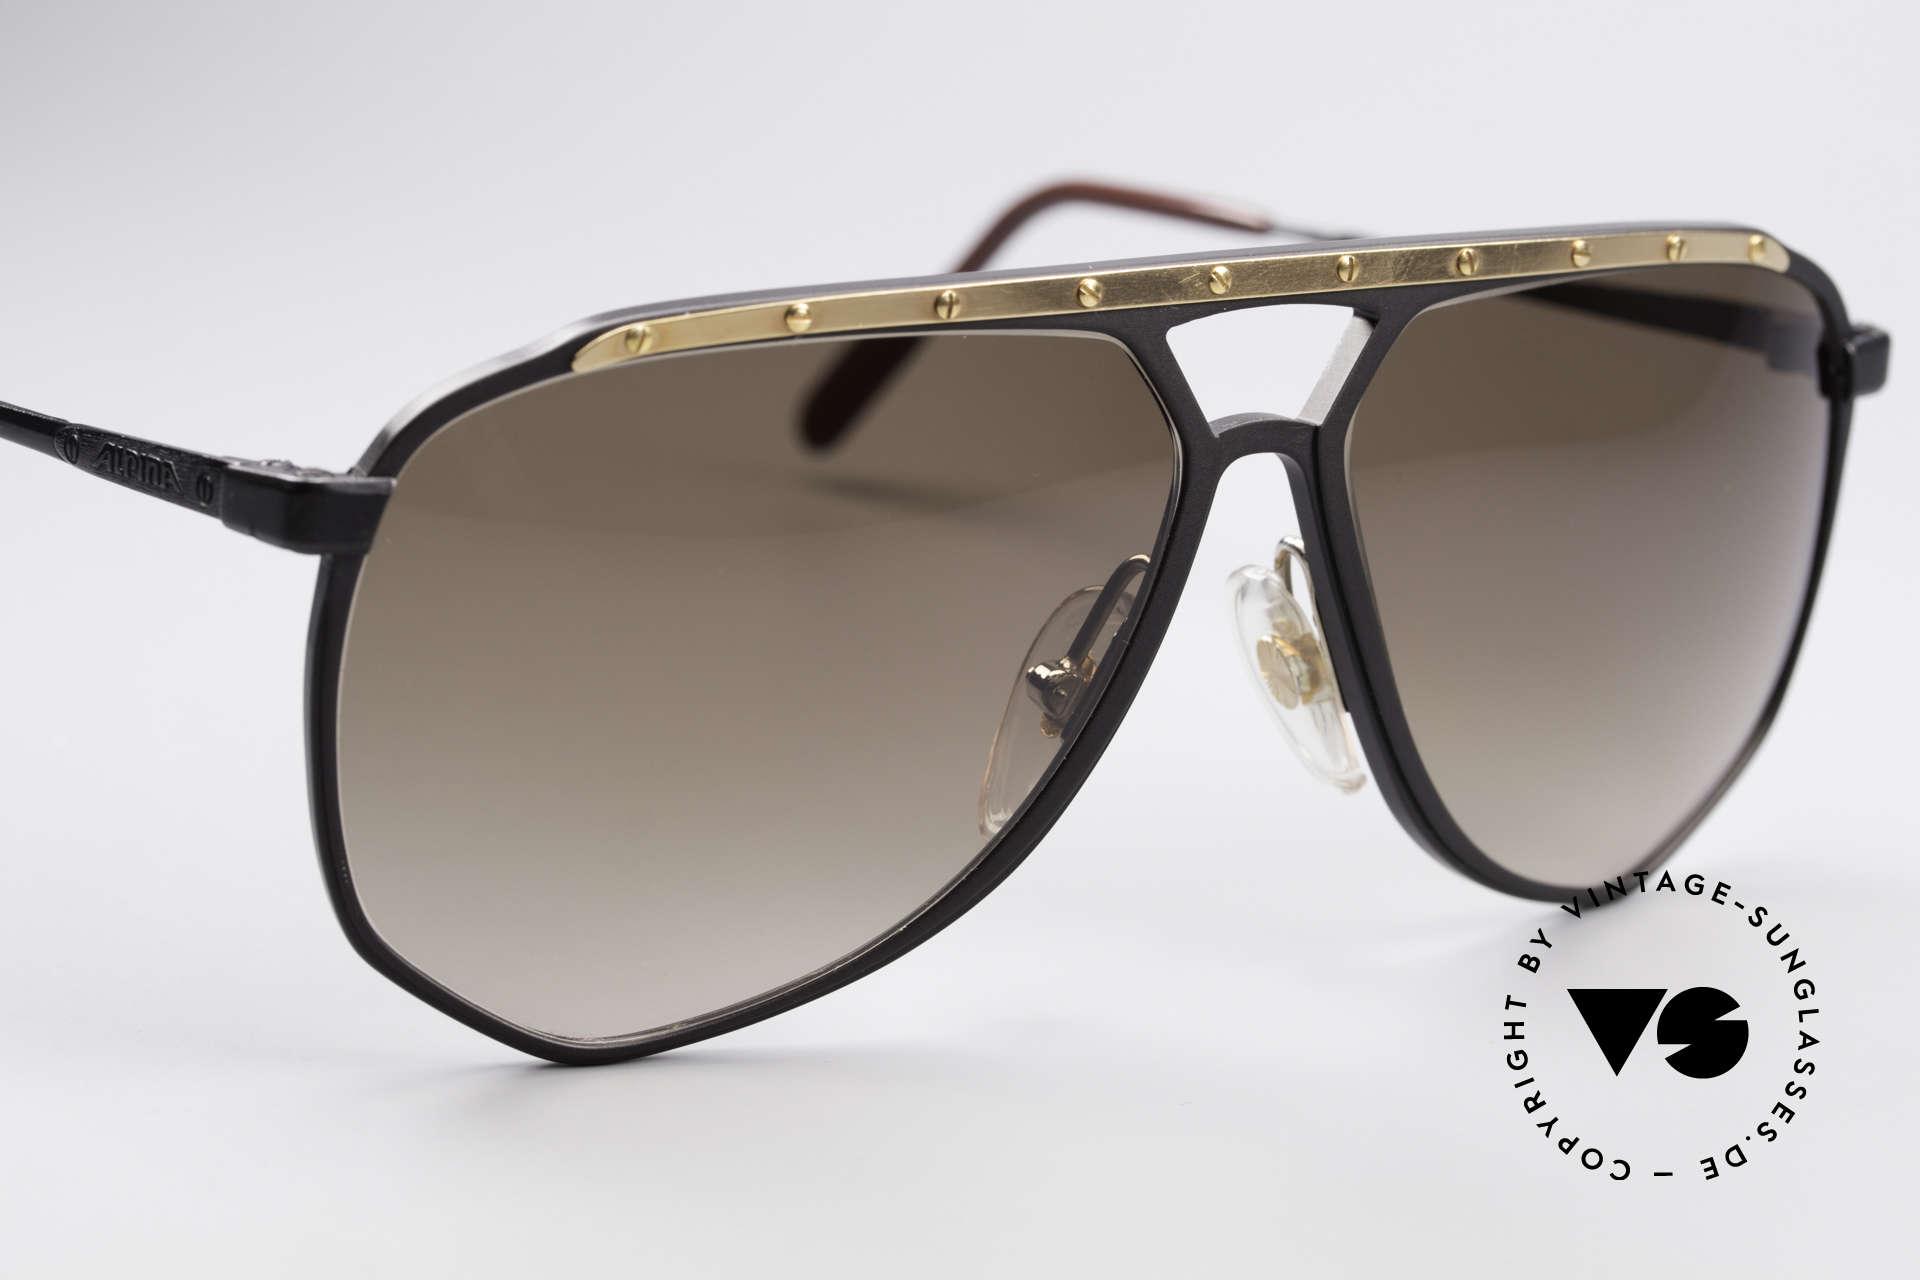 Alpina M1/4 Rare Vintage Sonnenbrille, KEINE RETROBRILLE; das 30 Jahre alte ORIGINAL, Passend für Herren